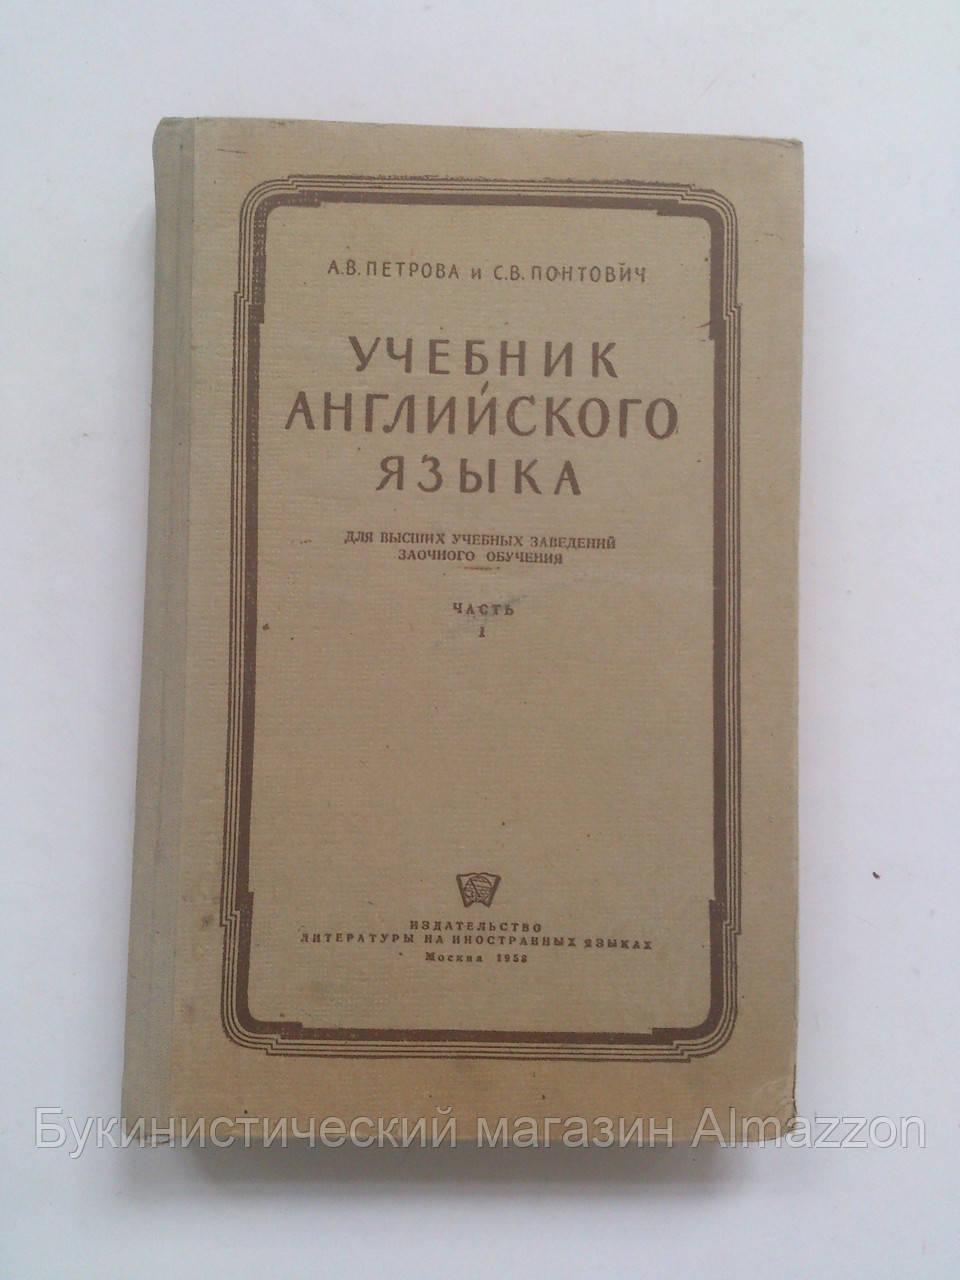 Учебник английского языка 1958 год Часть 1. Для высших учебных заведений. А.Петрова